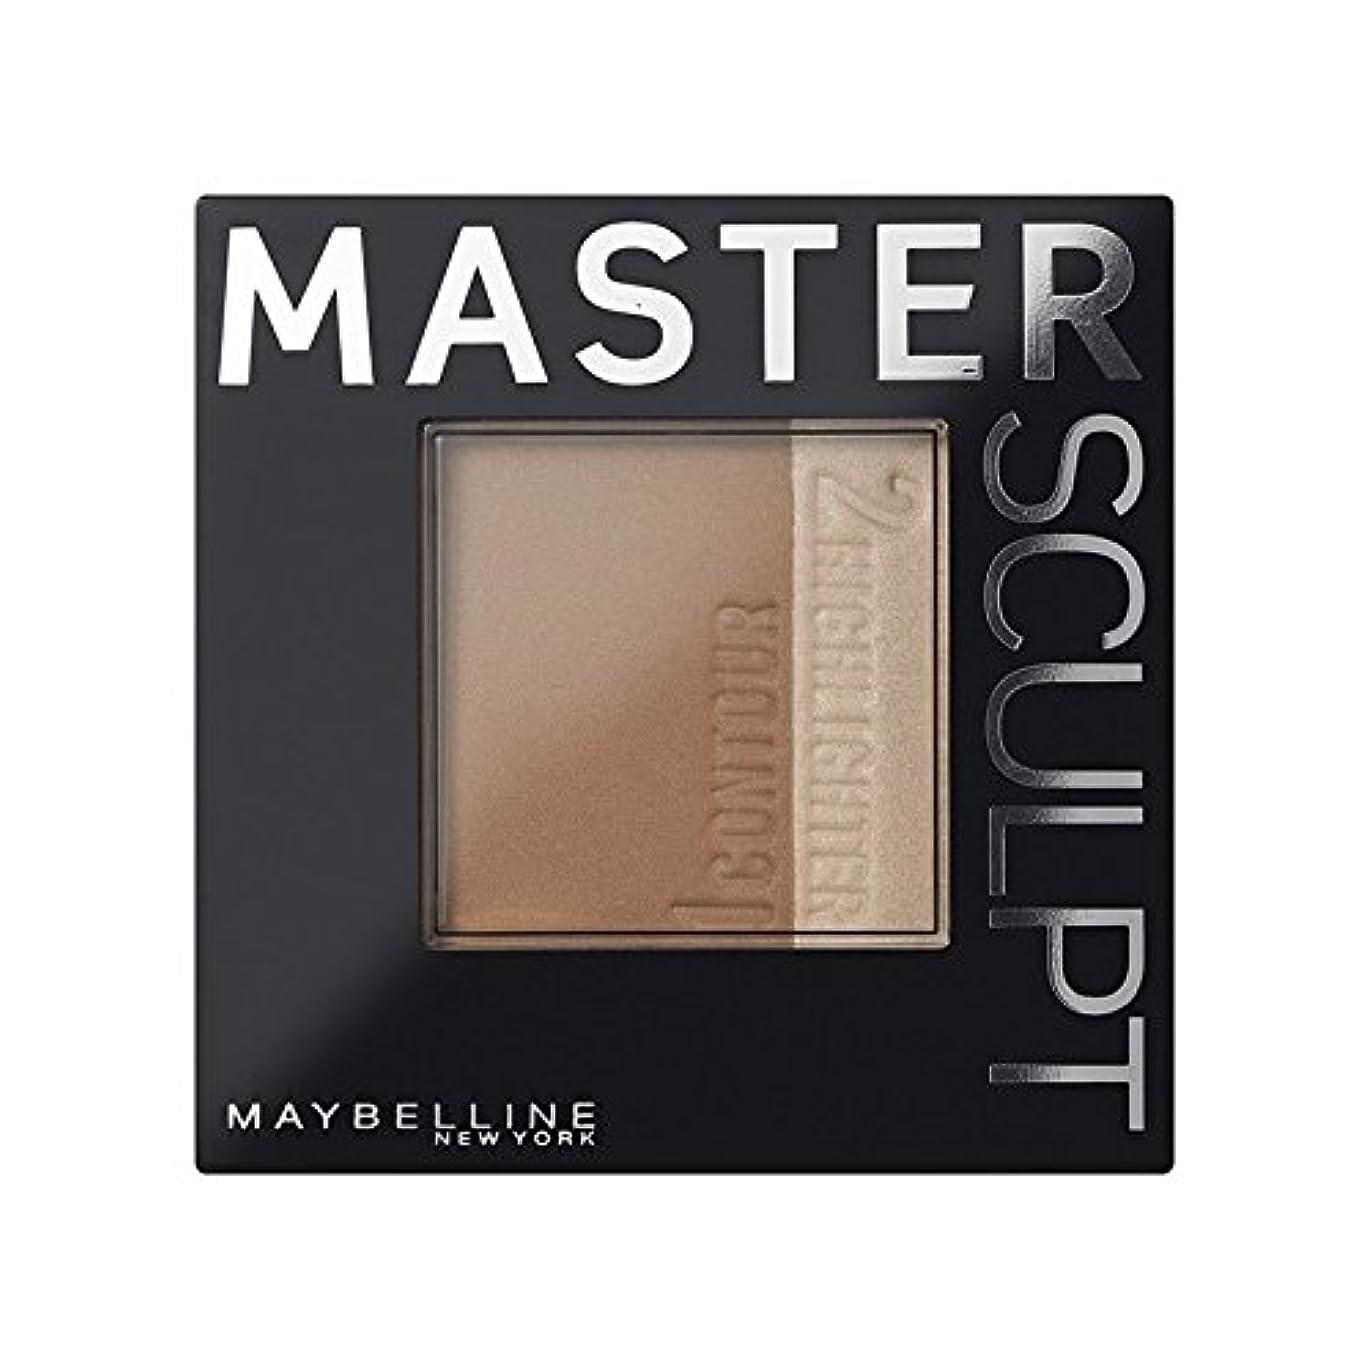 歩行者変色する識字Maybelline Master Sculpt Contouring Foundation 01 Light/Med - 土台01光/ を輪郭メイベリンマスタースカルプト [並行輸入品]